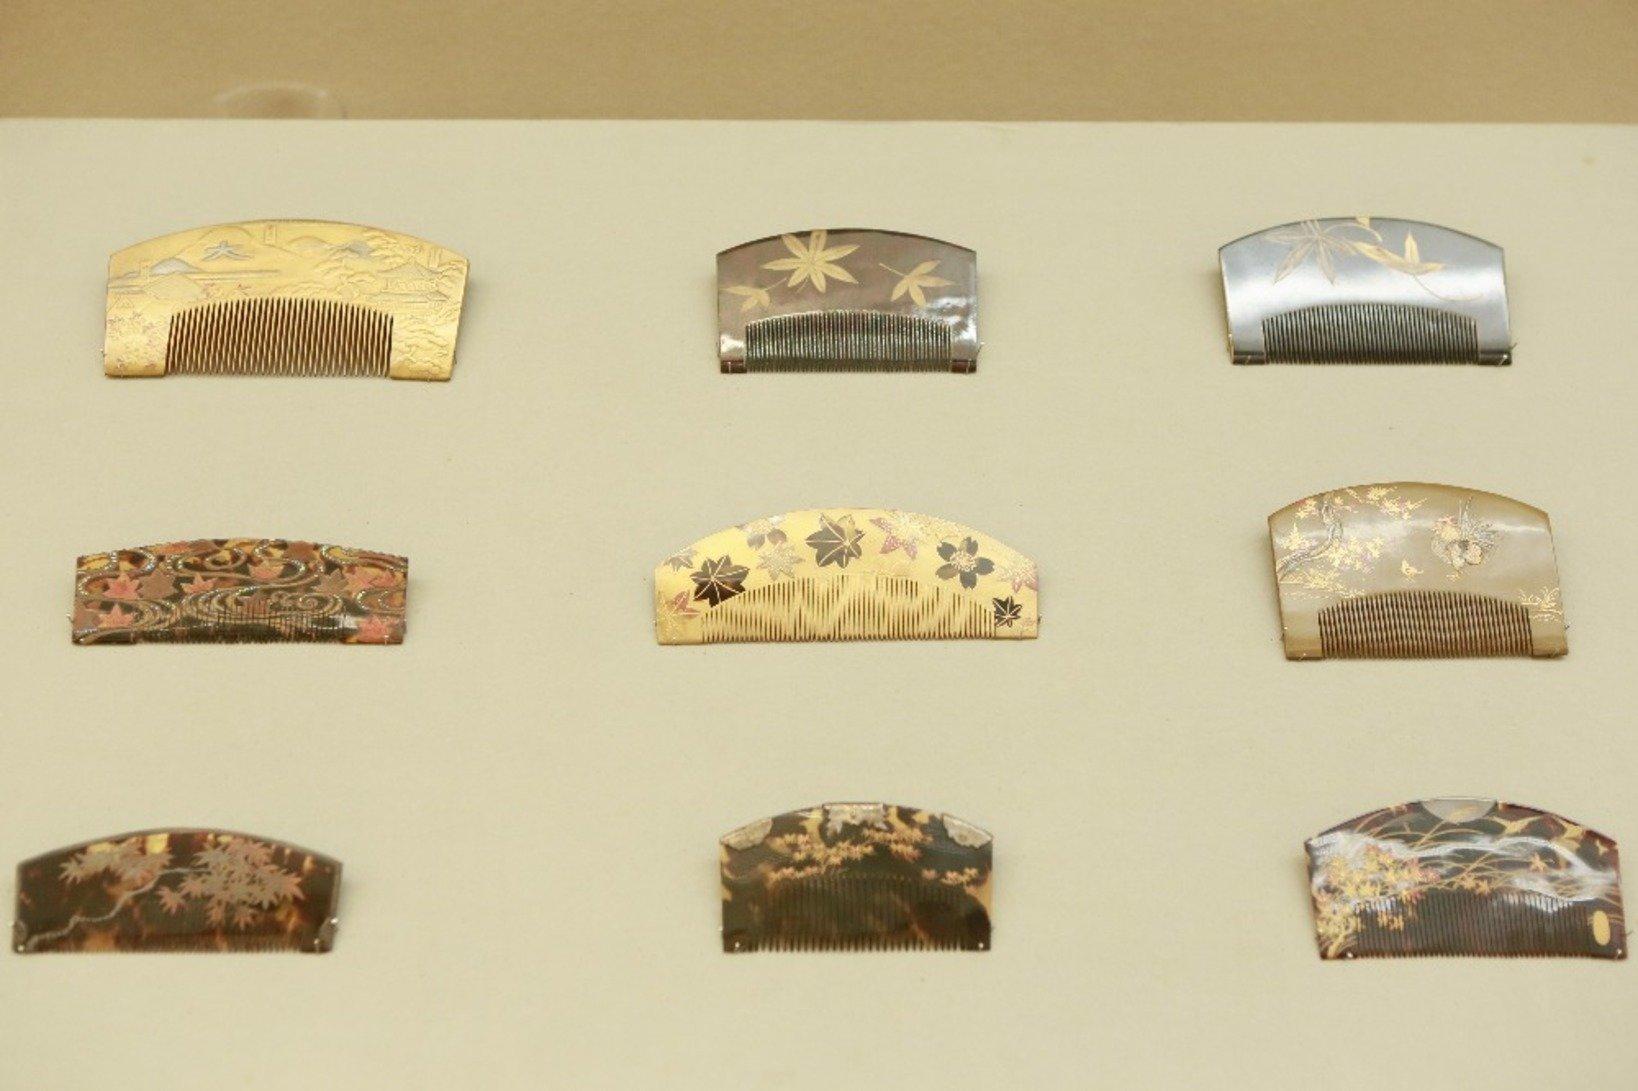 江戸時代とても高価だった鼈甲の櫛が、最高の状態で保存されています